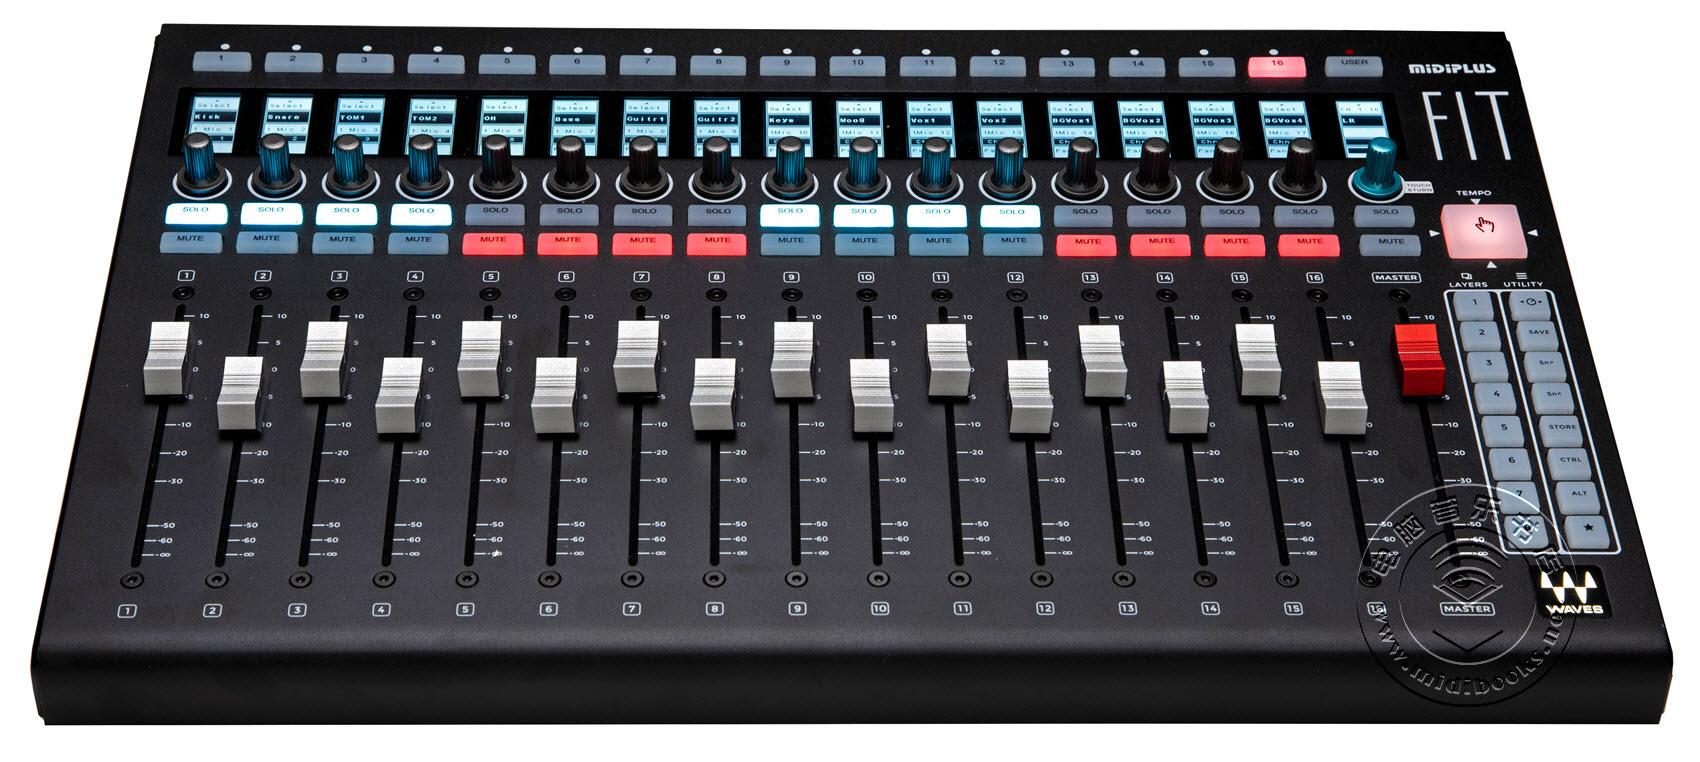 2020年冬季NAMM展会新闻:Waves推出用于eMotion LV1现场调音台的FIT控制器